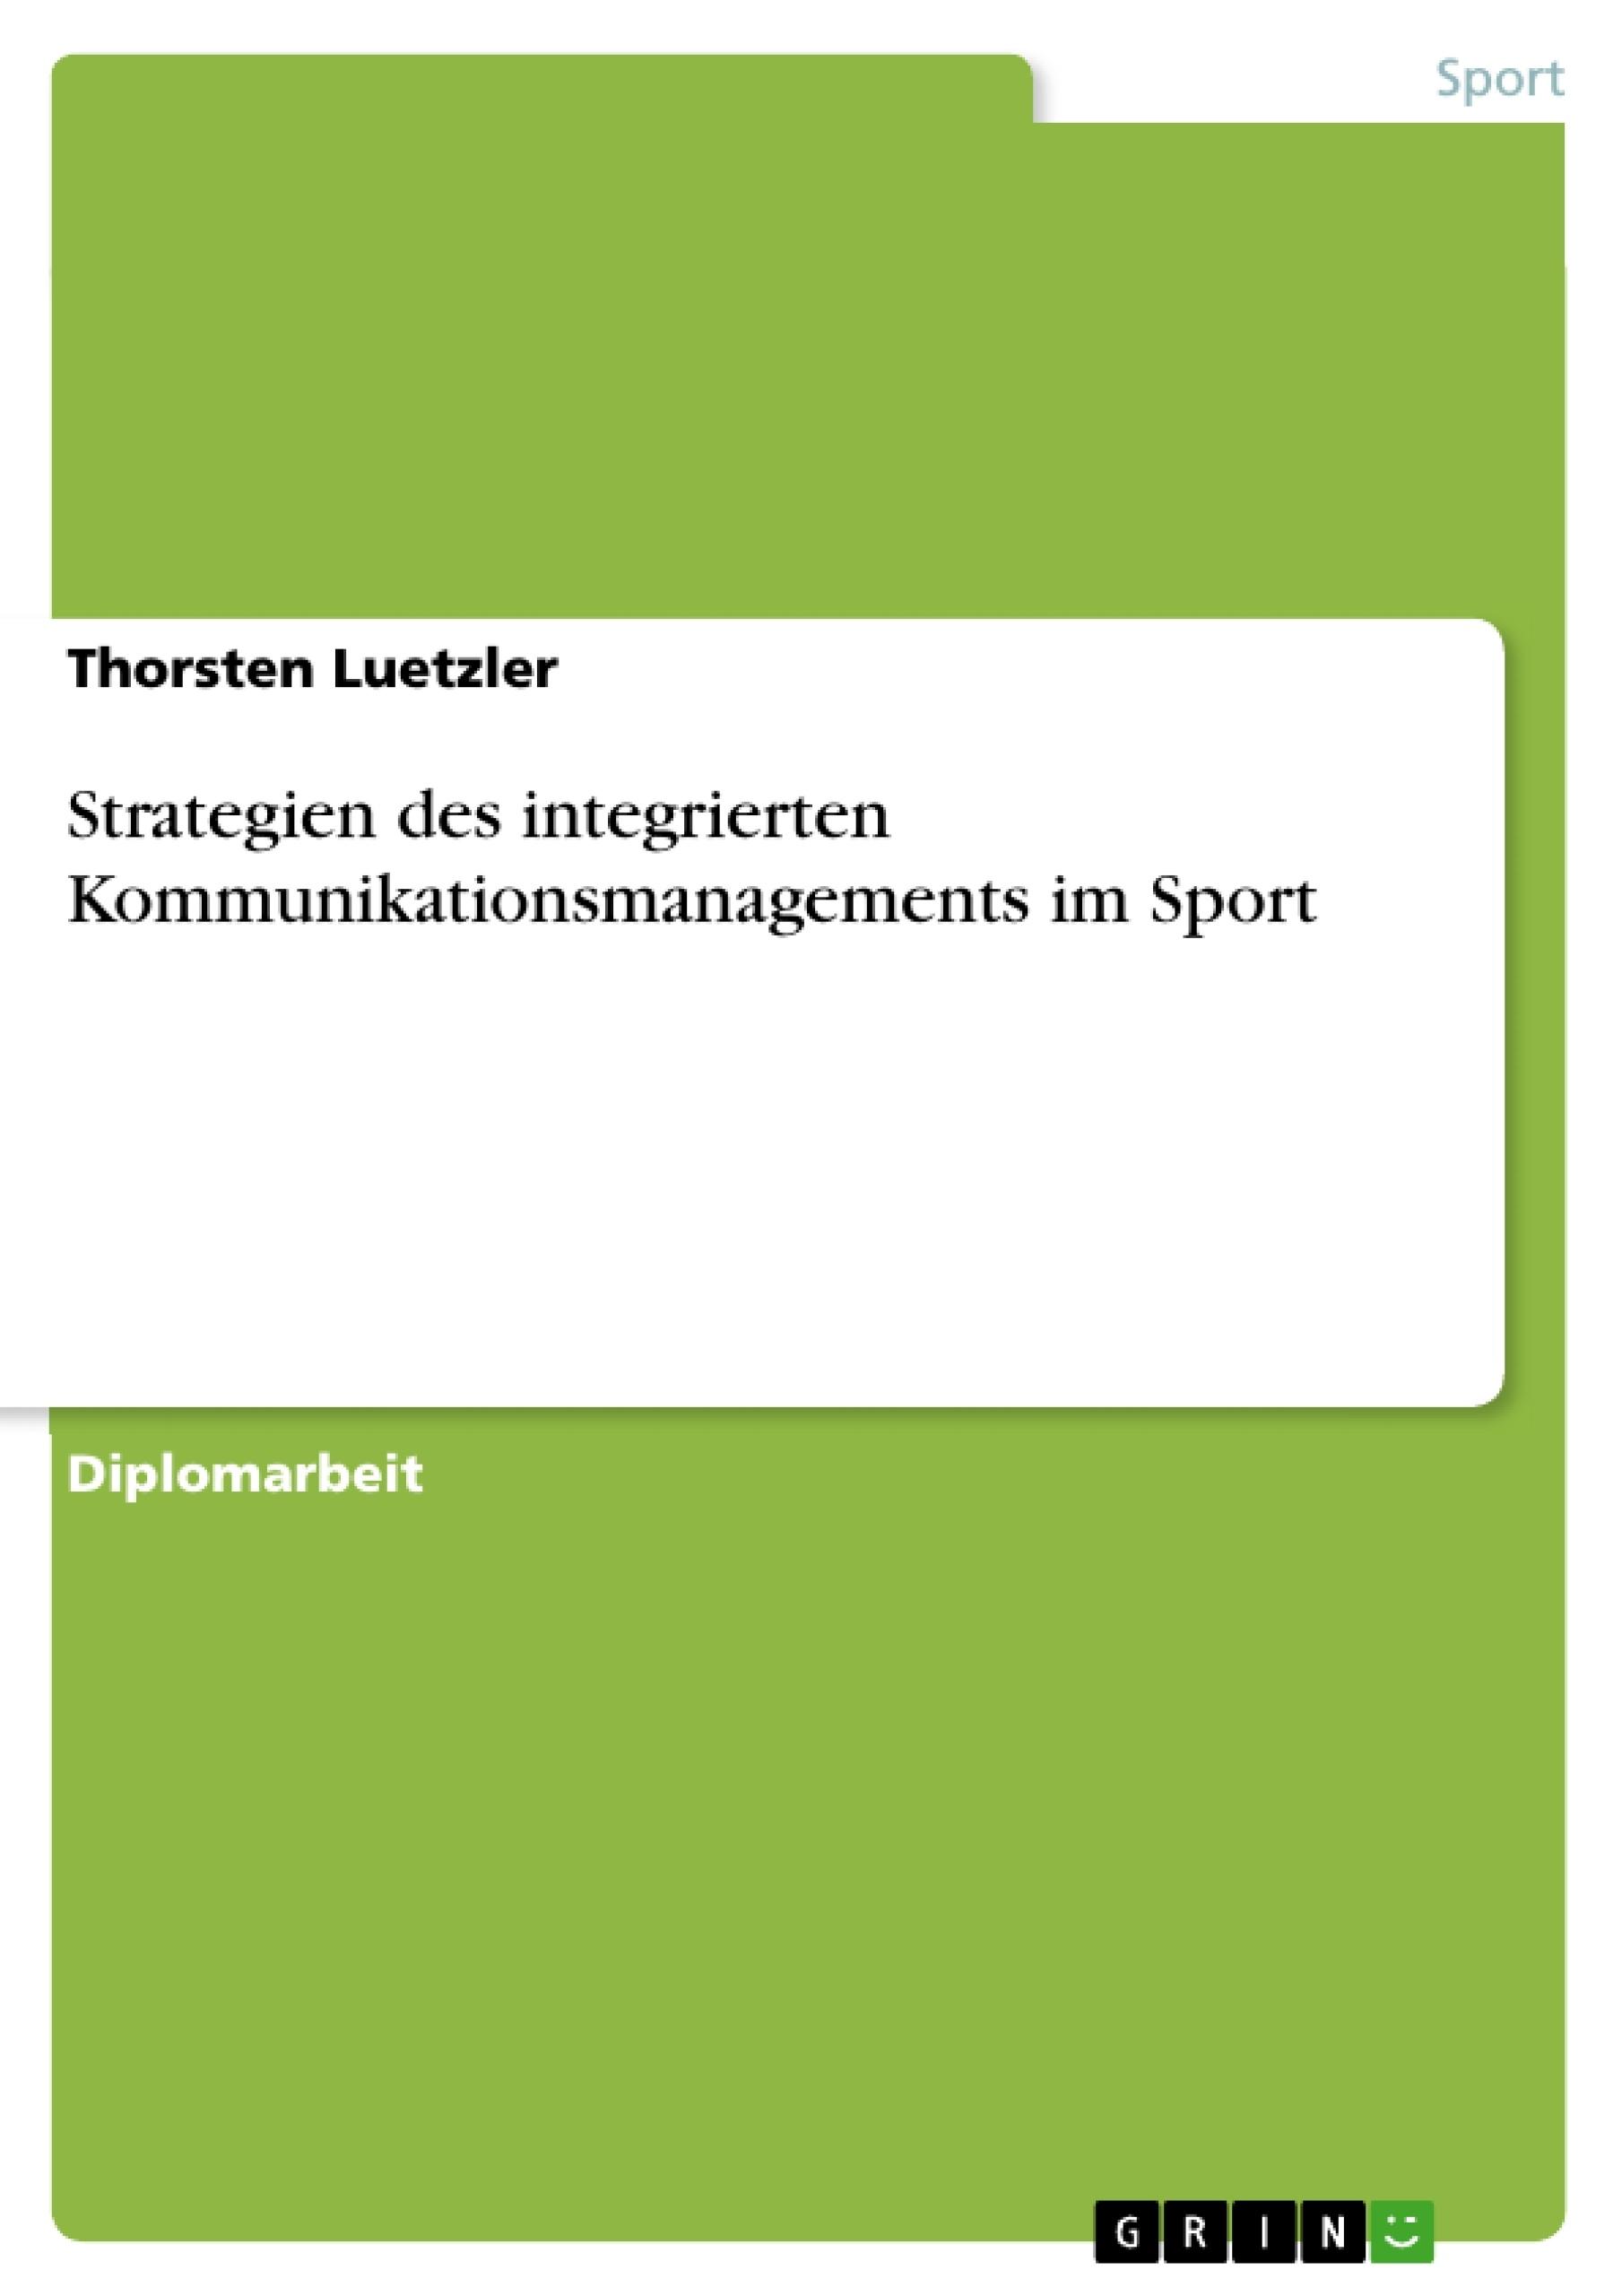 Titel: Strategien des integrierten Kommunikationsmanagements im Sport